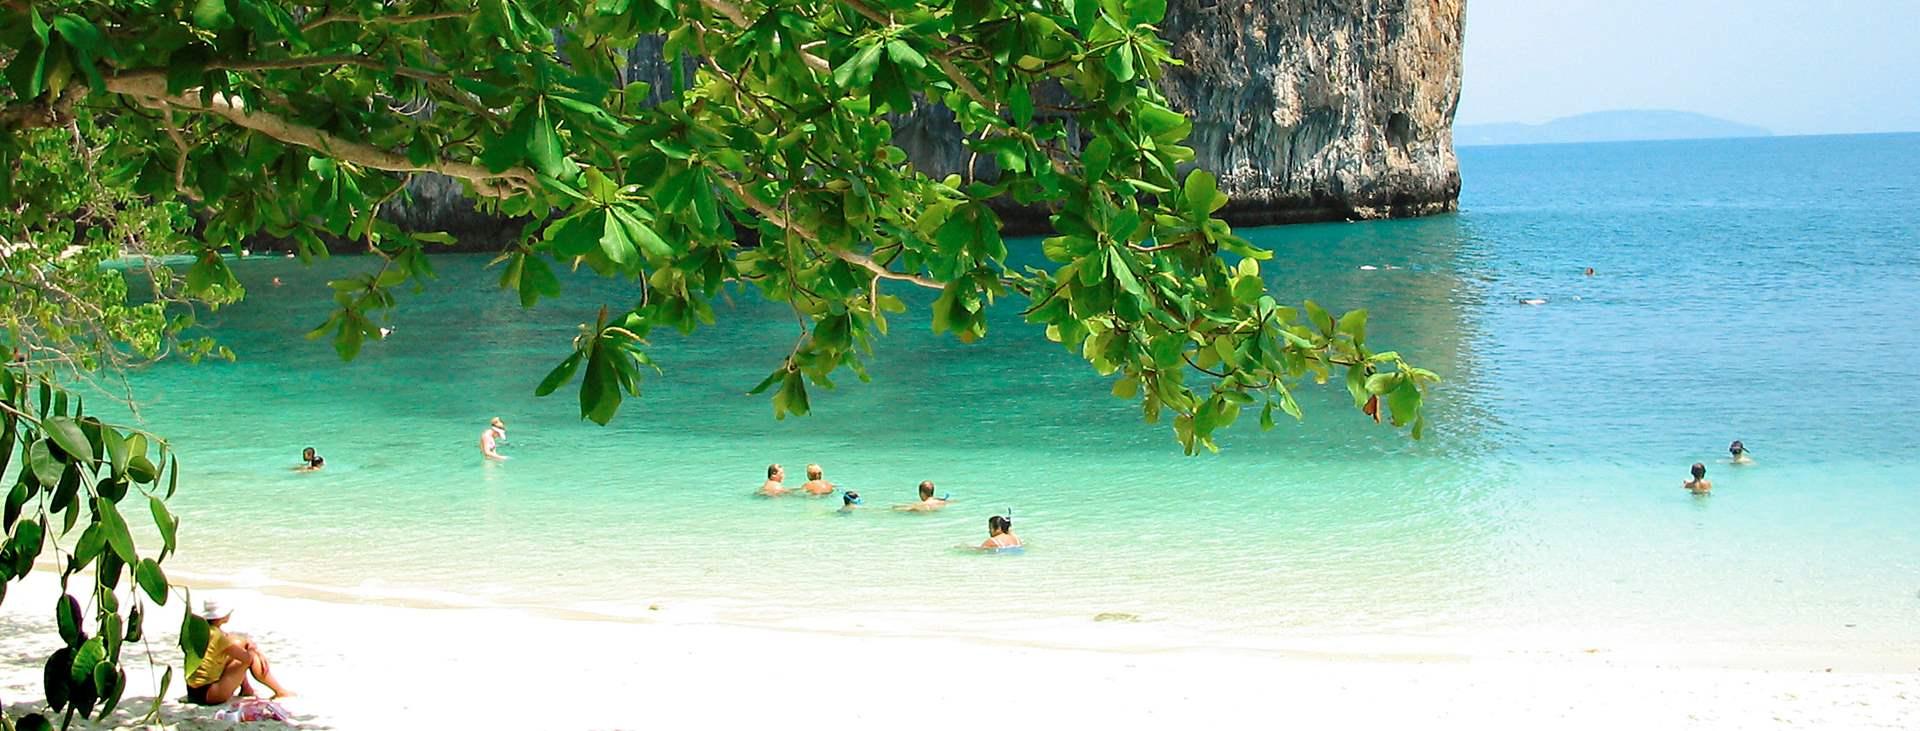 Boka en resa till Ao Nang i Thailand med Ving